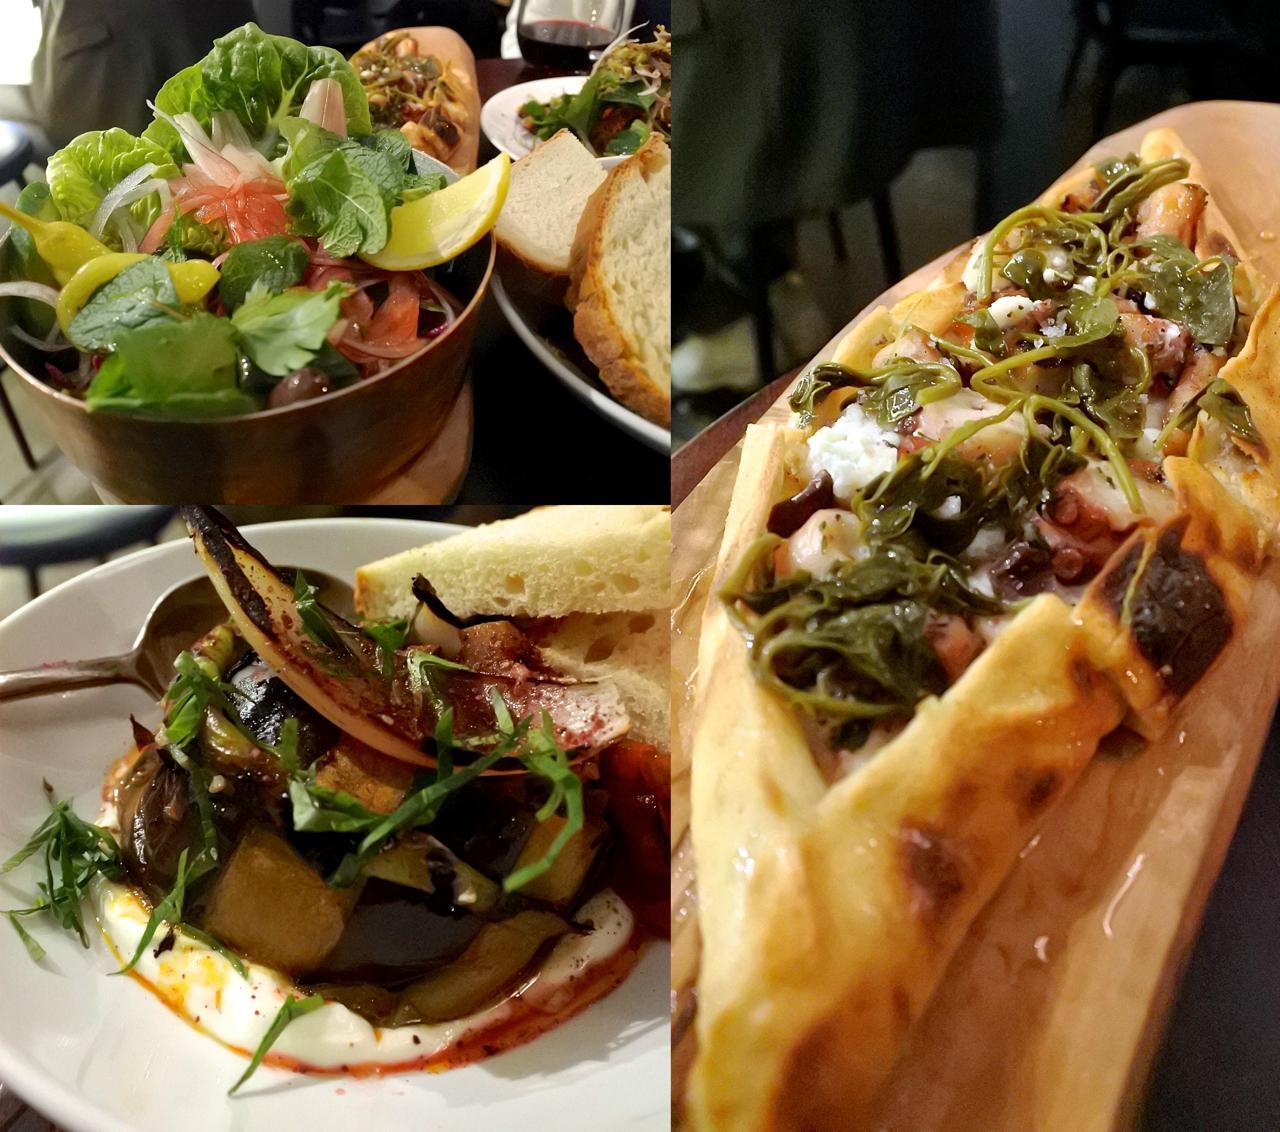 タコとリコッタのピデはハチミツも少しかかっているので、甘辛好きな方におすすめ。ピクルス&サラダも丁寧な下ごしらえが好印象(左上)。左下はナスの野菜料理